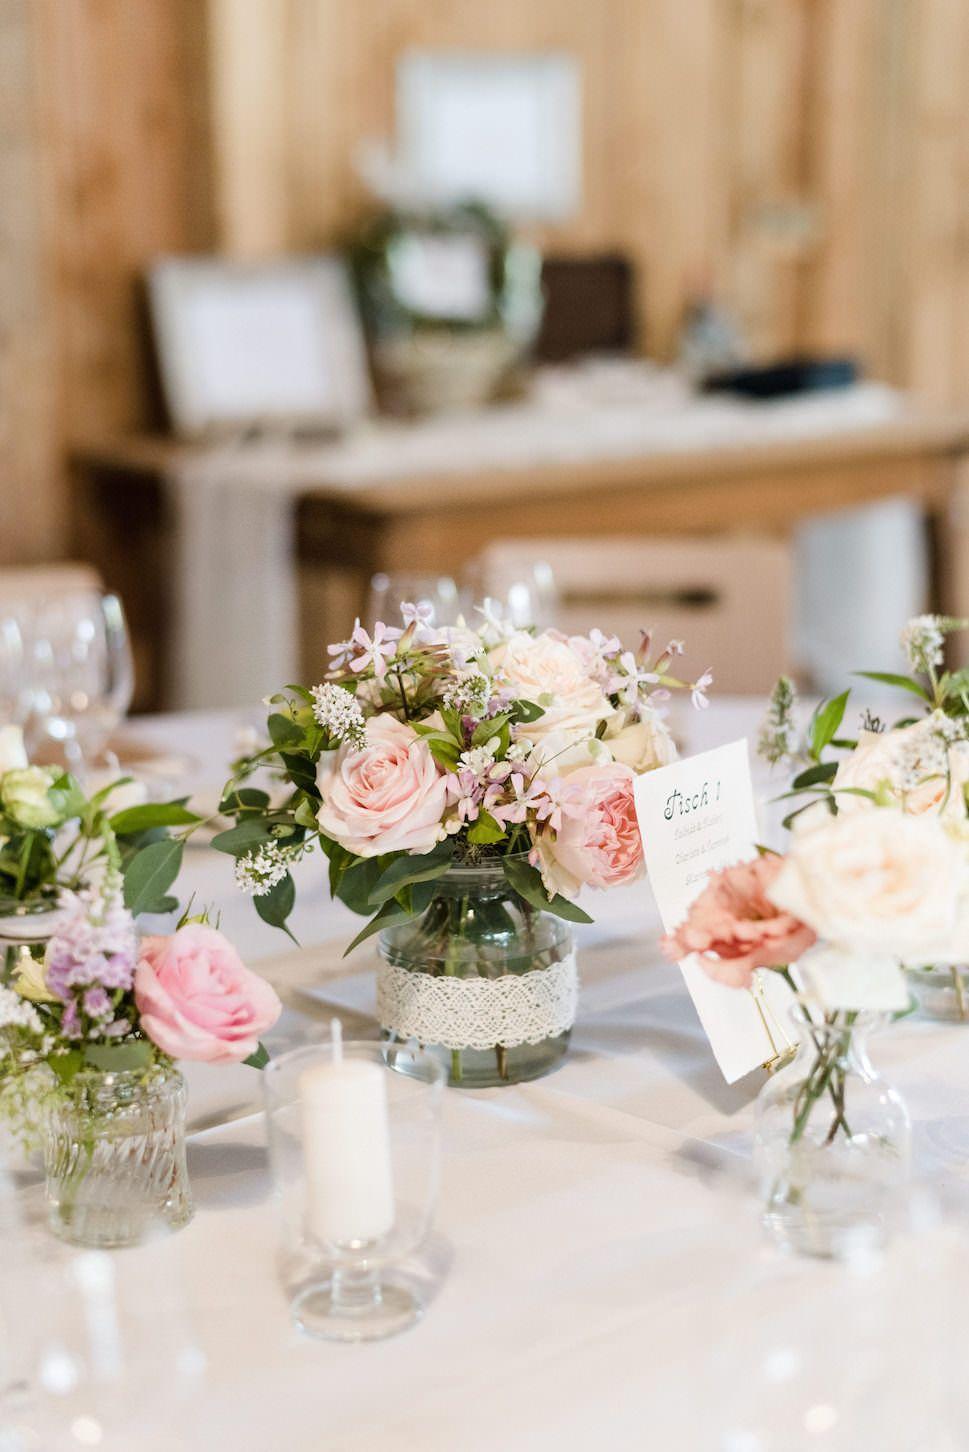 Pin Von Daniela Steinberger Auf Hochzeit Hochzeit Deko Tisch Tischschmuck Hochzeit Dekoration Hochzeit